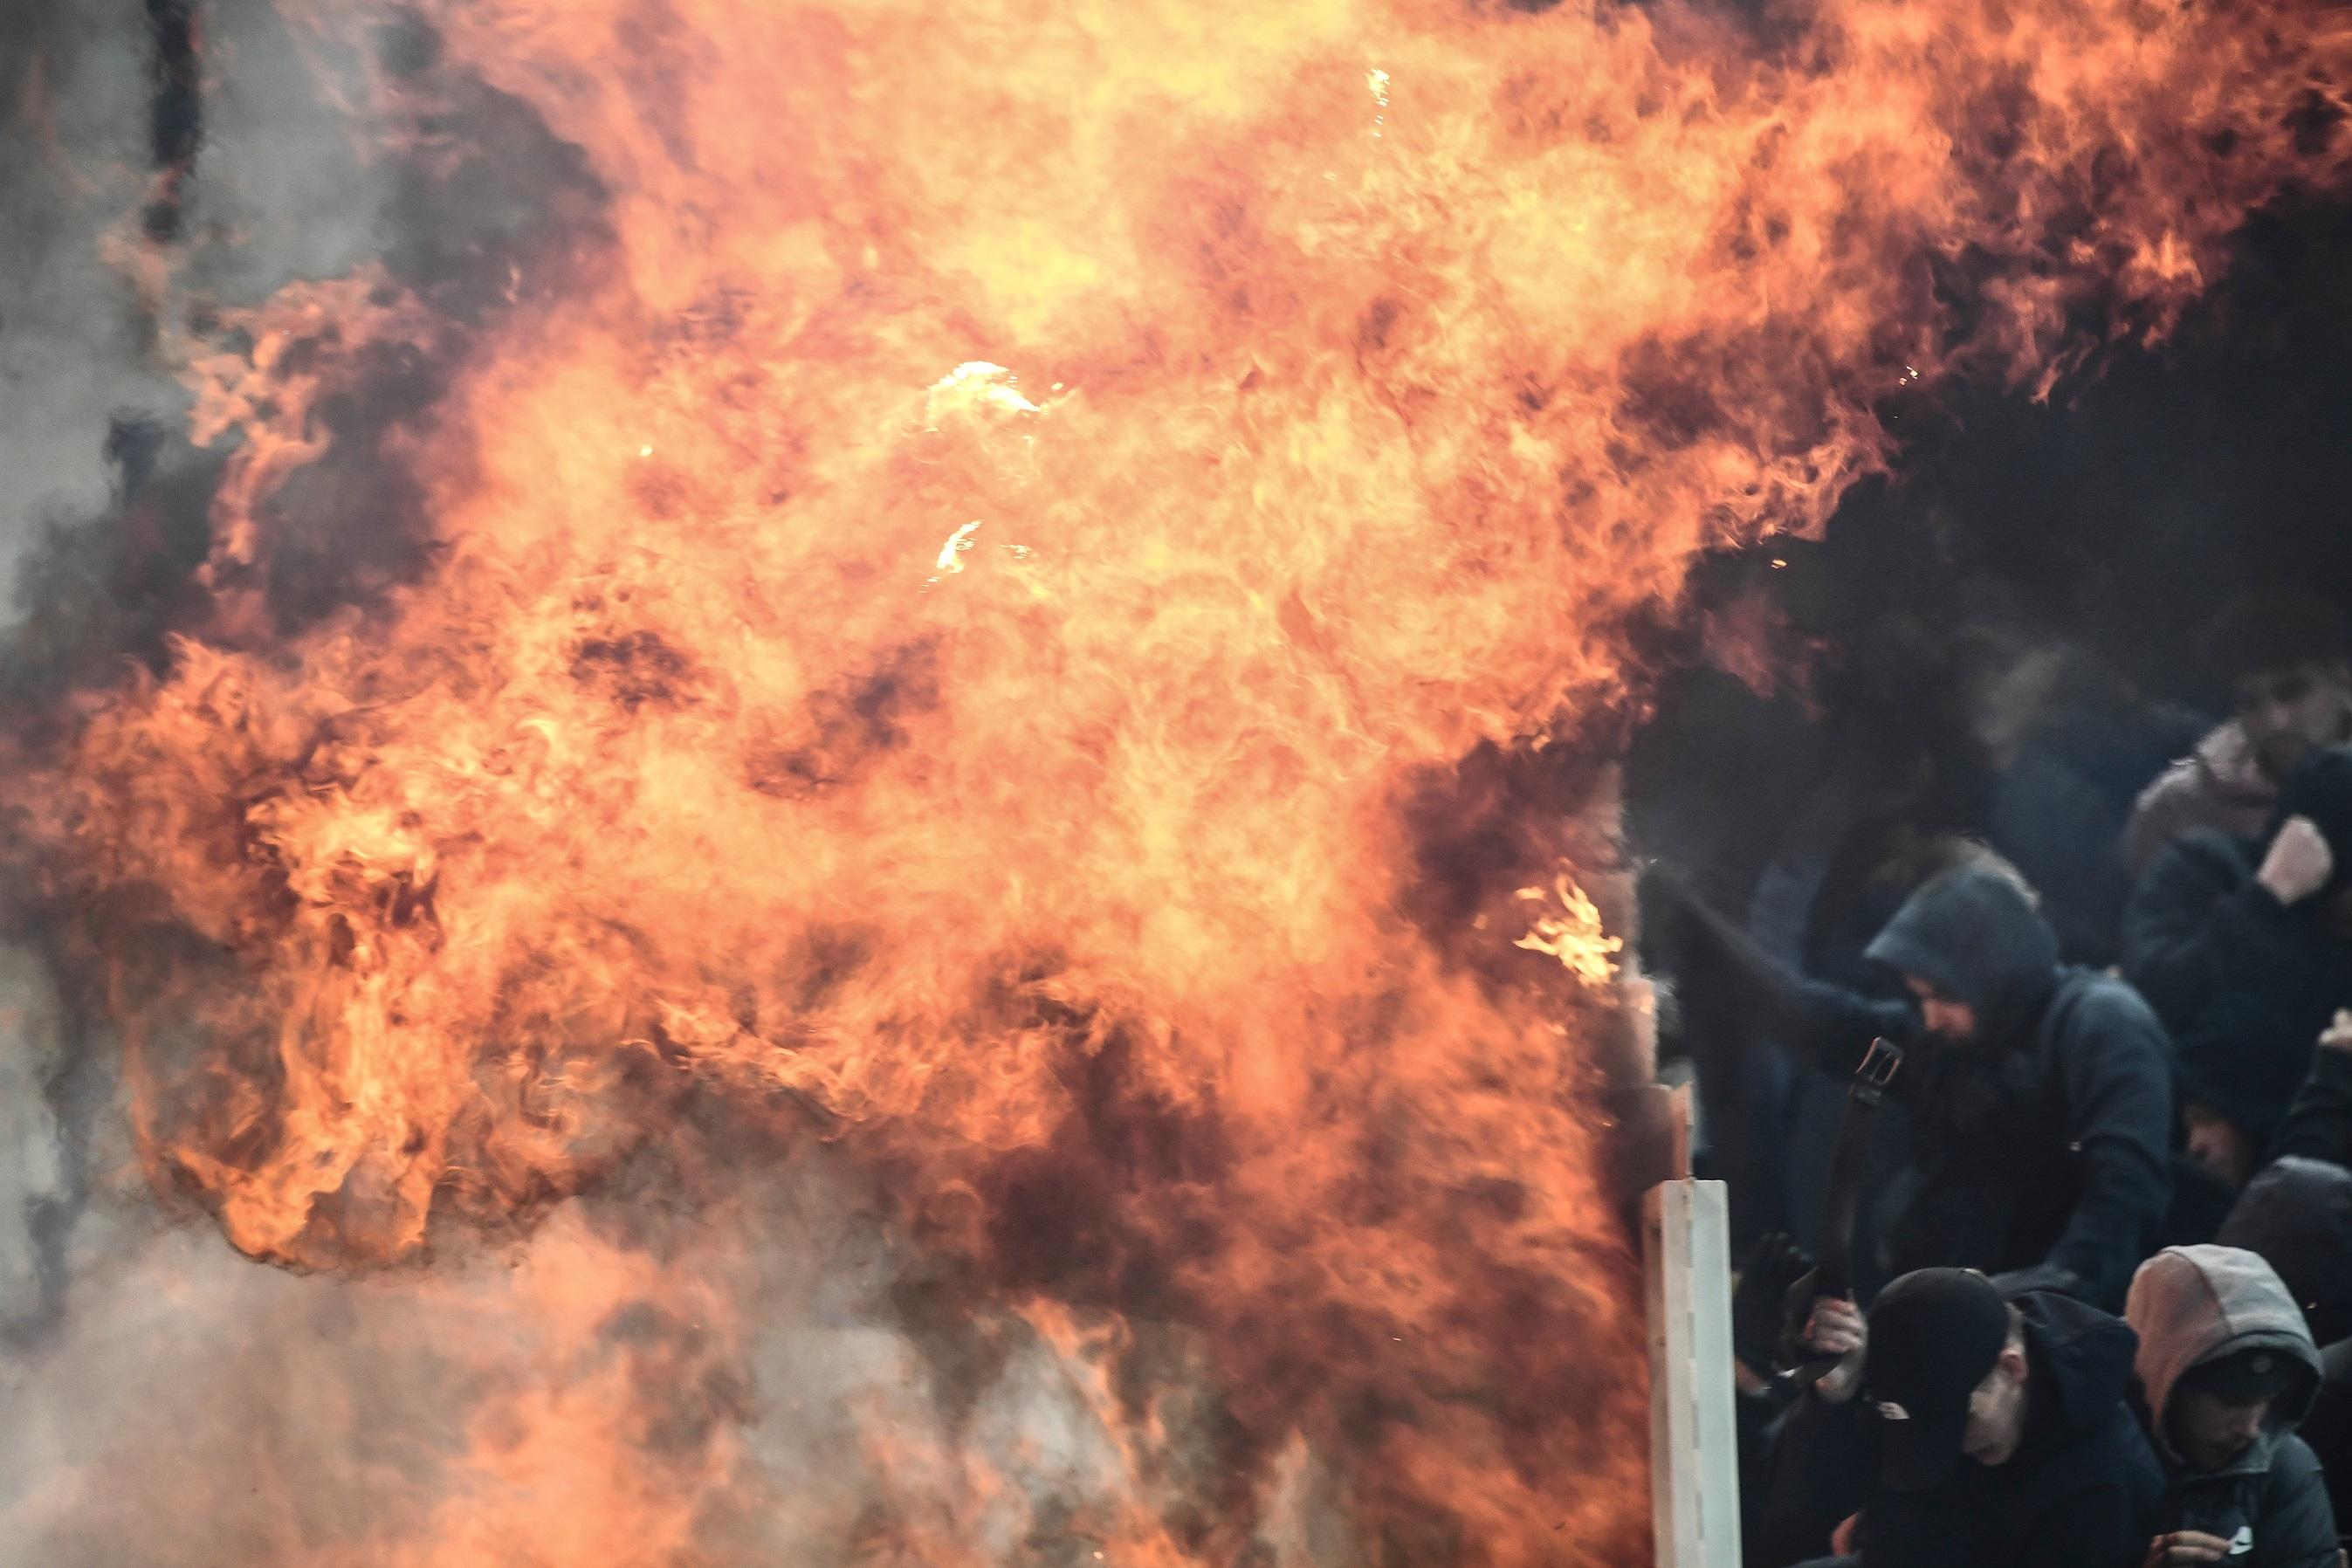 Άγρια επεισόδια στις κερκίδες του ΟΑΚΑ με οπαδούς της ΑΕΚ και του Άγιαξ! (φωτο-βιντεο)